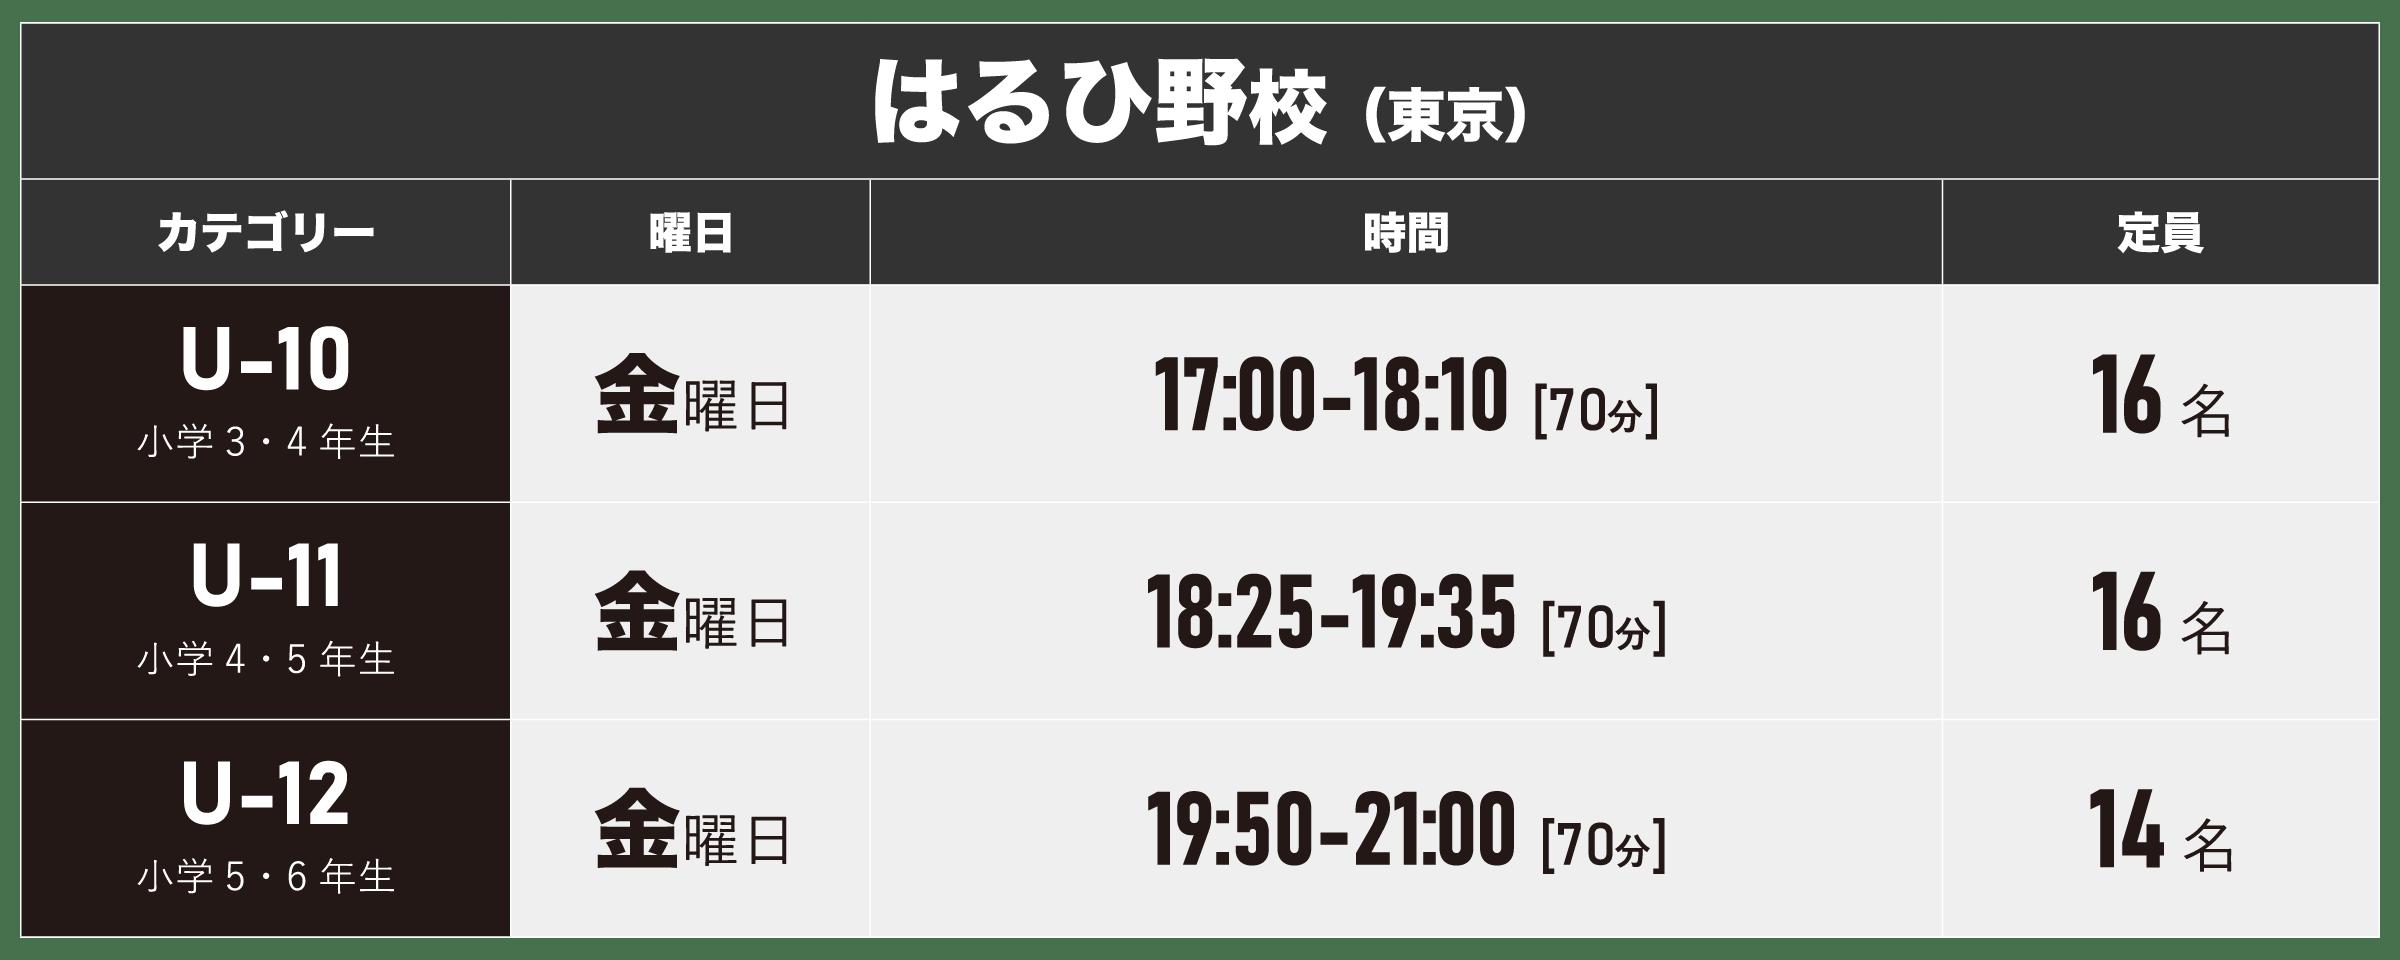 t_haruhino_2021